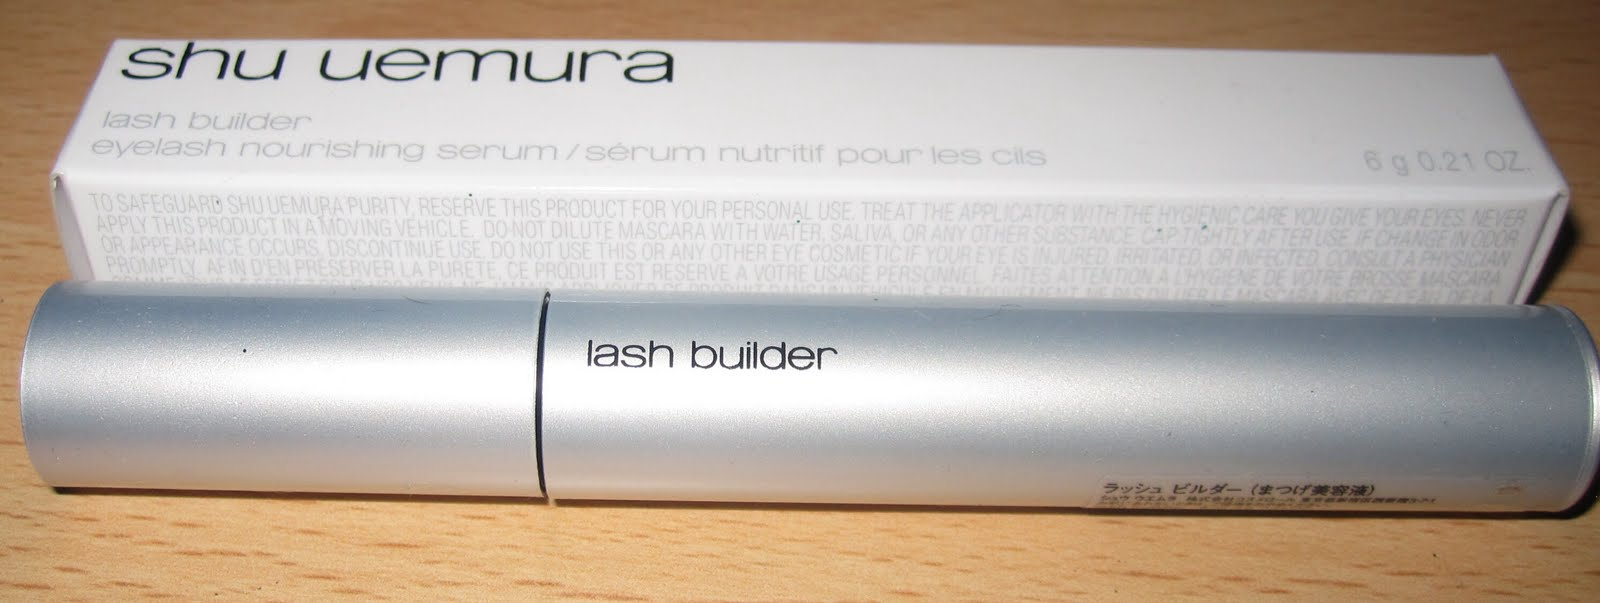 3798f34f977 Shu Uemura Lash builder - The Challenge | Inner Belle